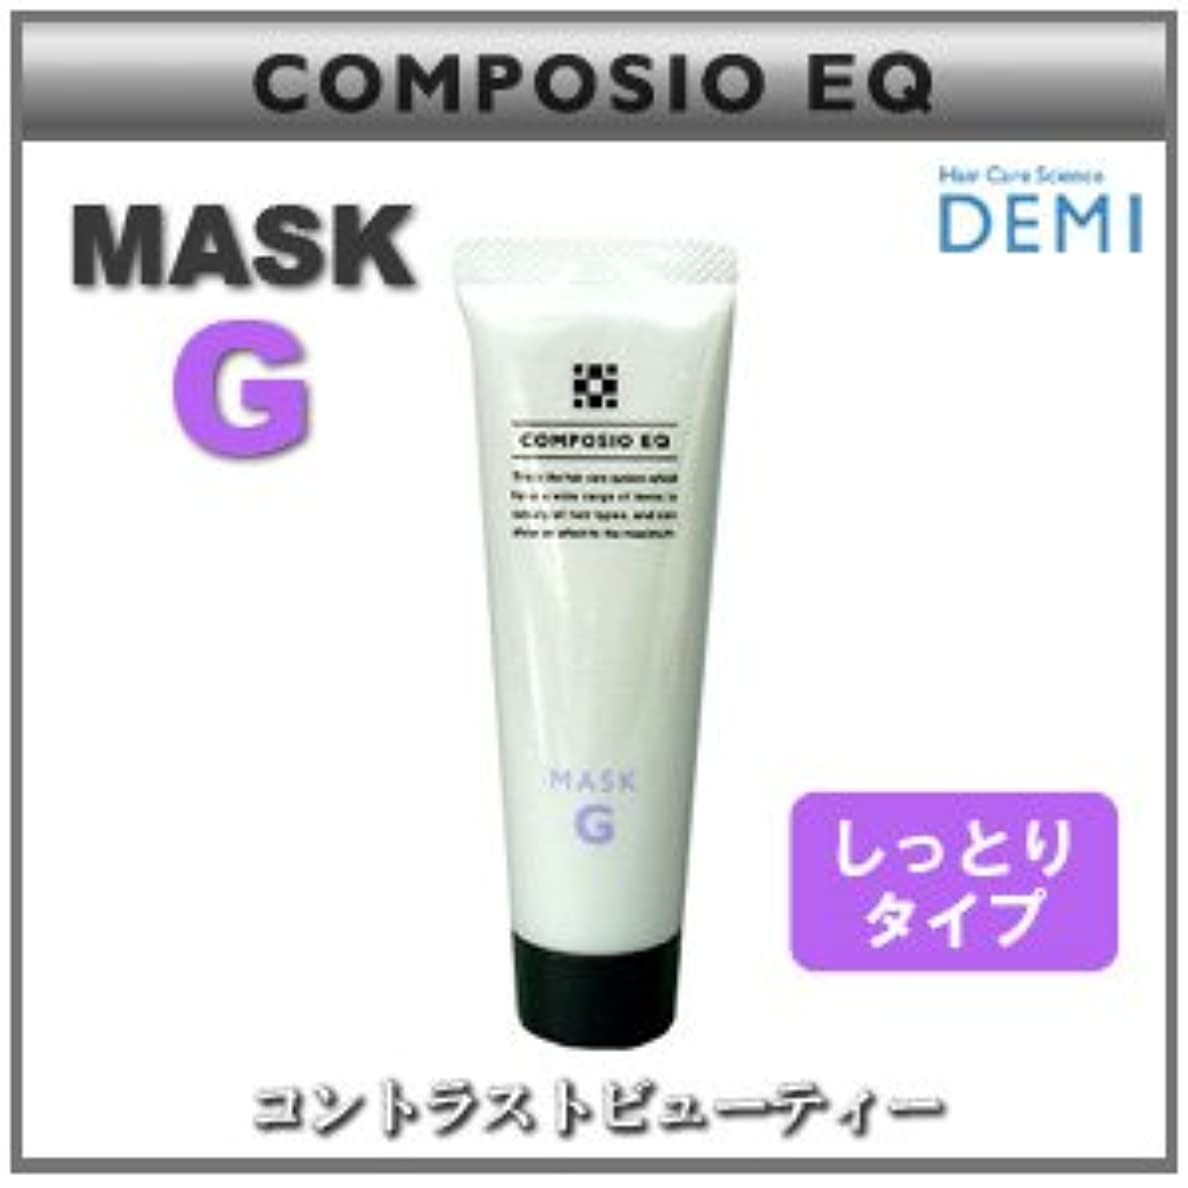 天窓効率的にクライアント【X3個セット】 デミ コンポジオ EQ マスク G 50g